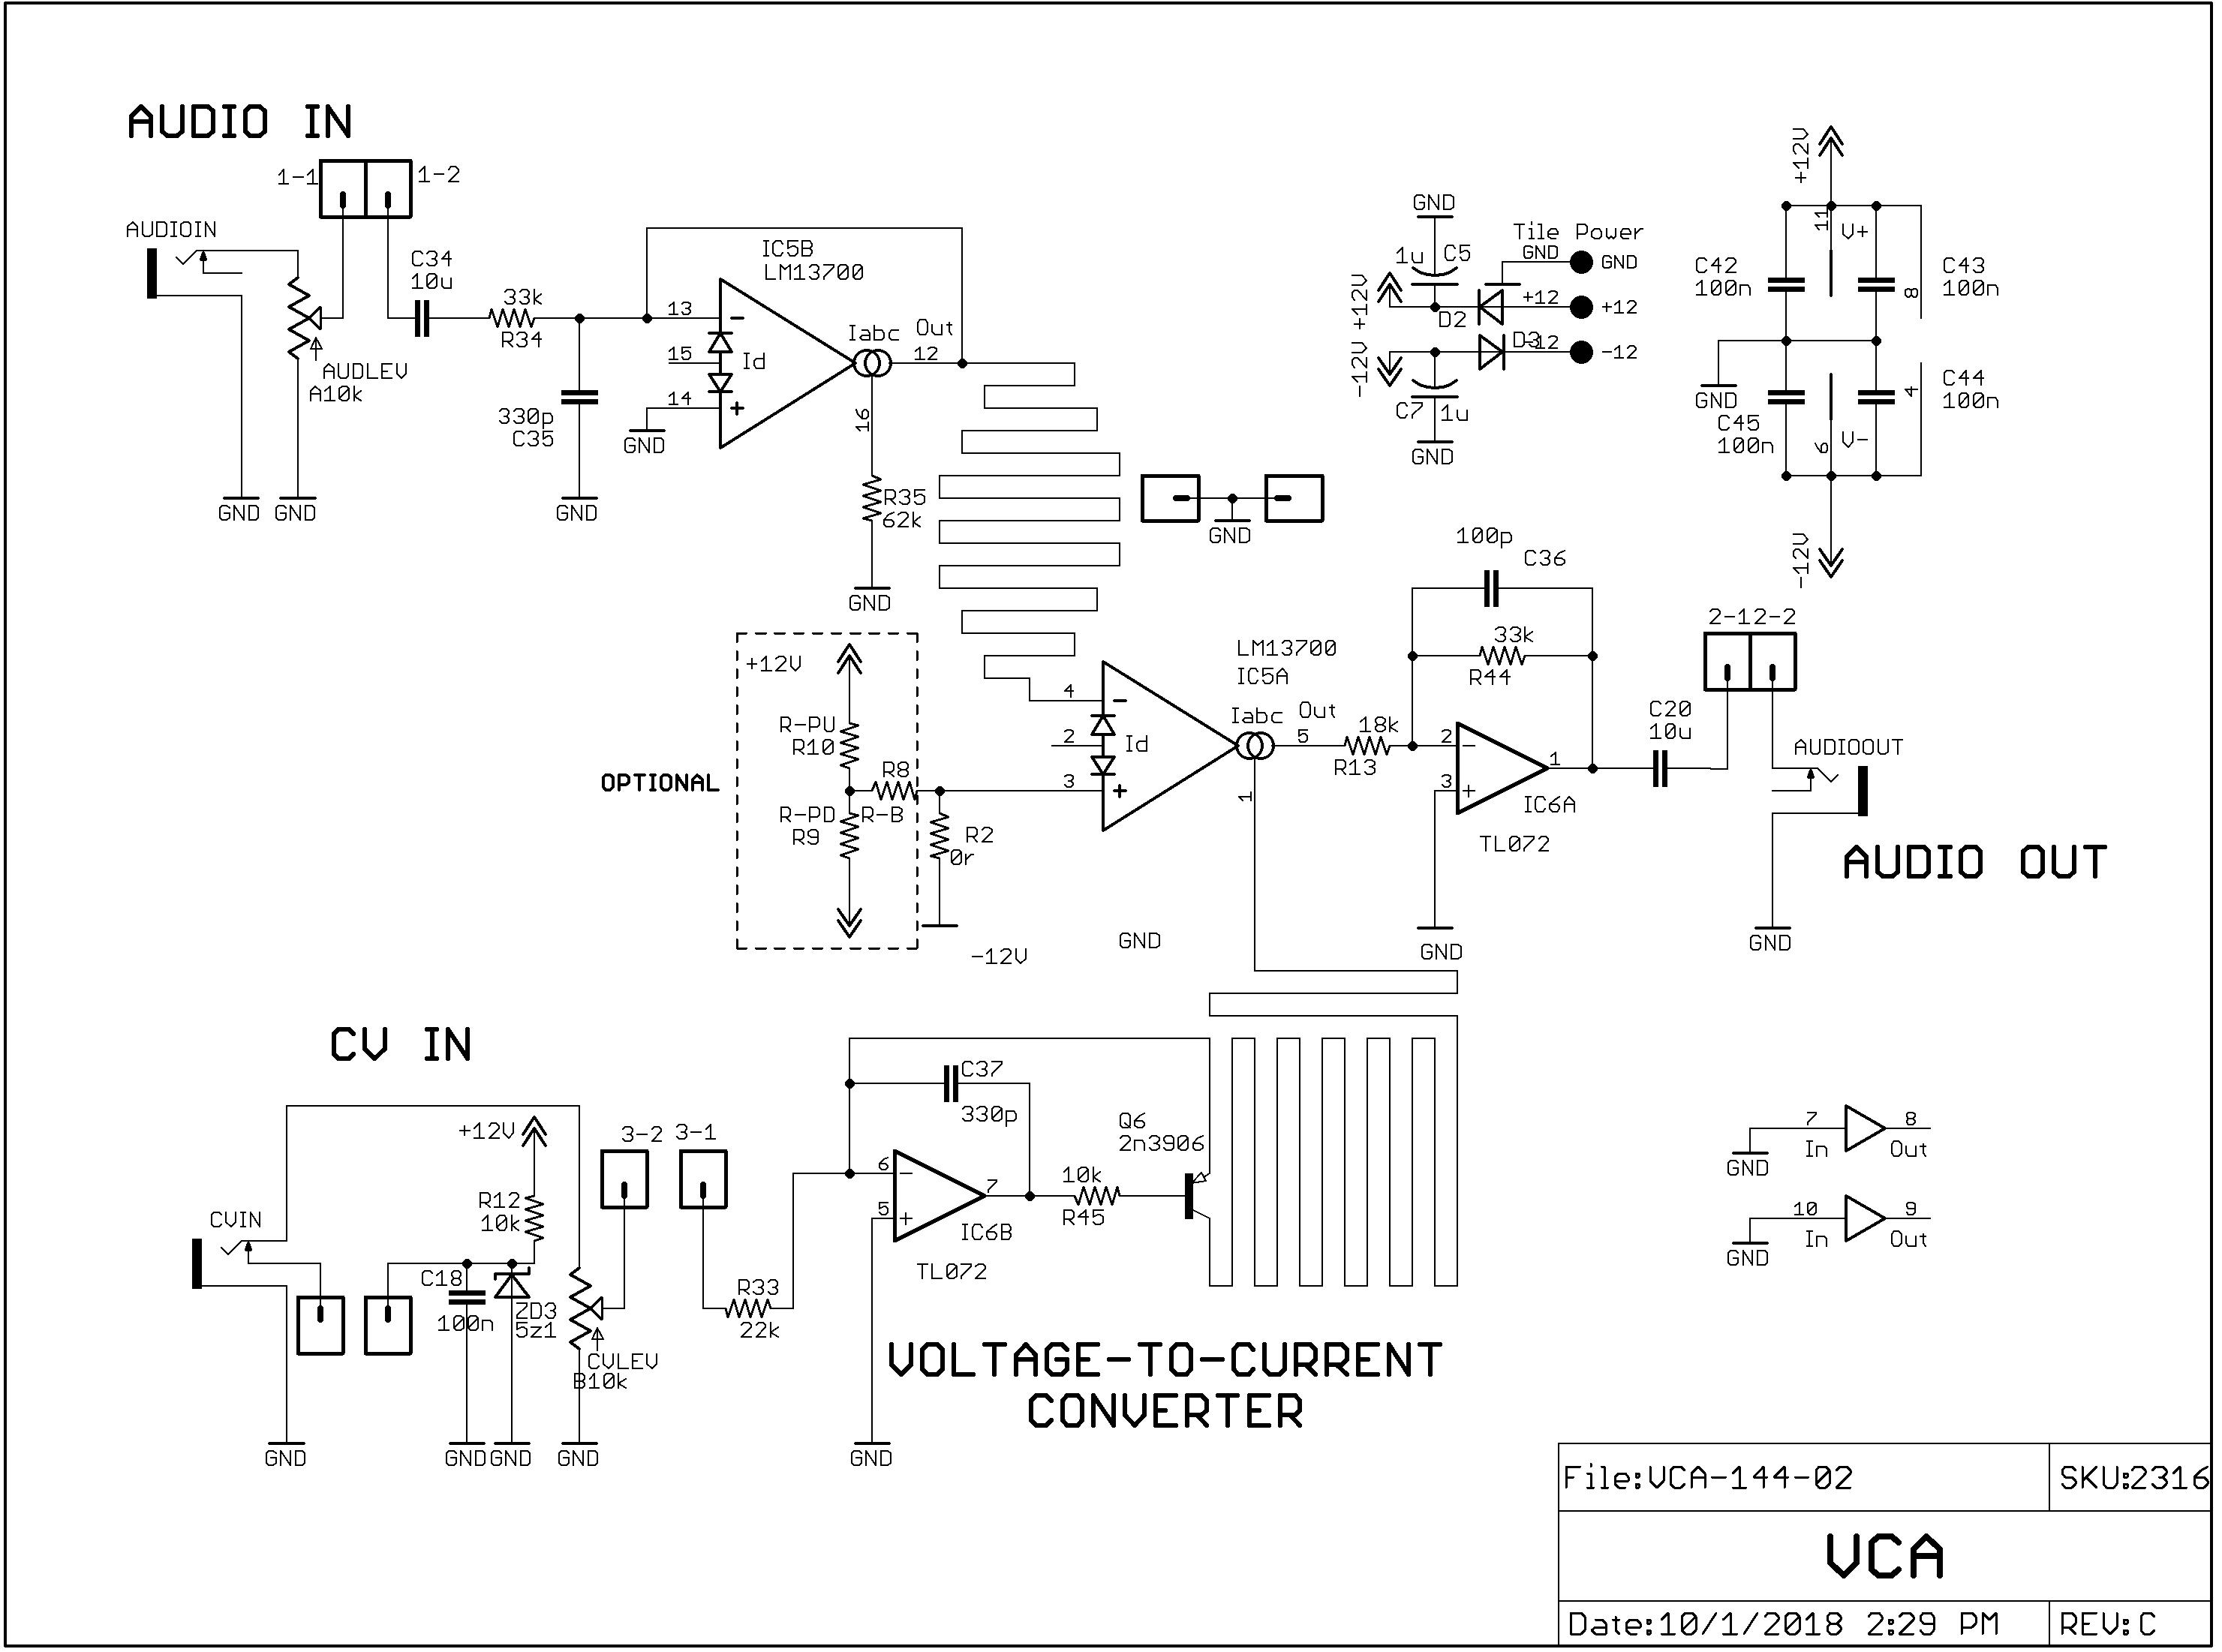 Ota Vcf Schematic